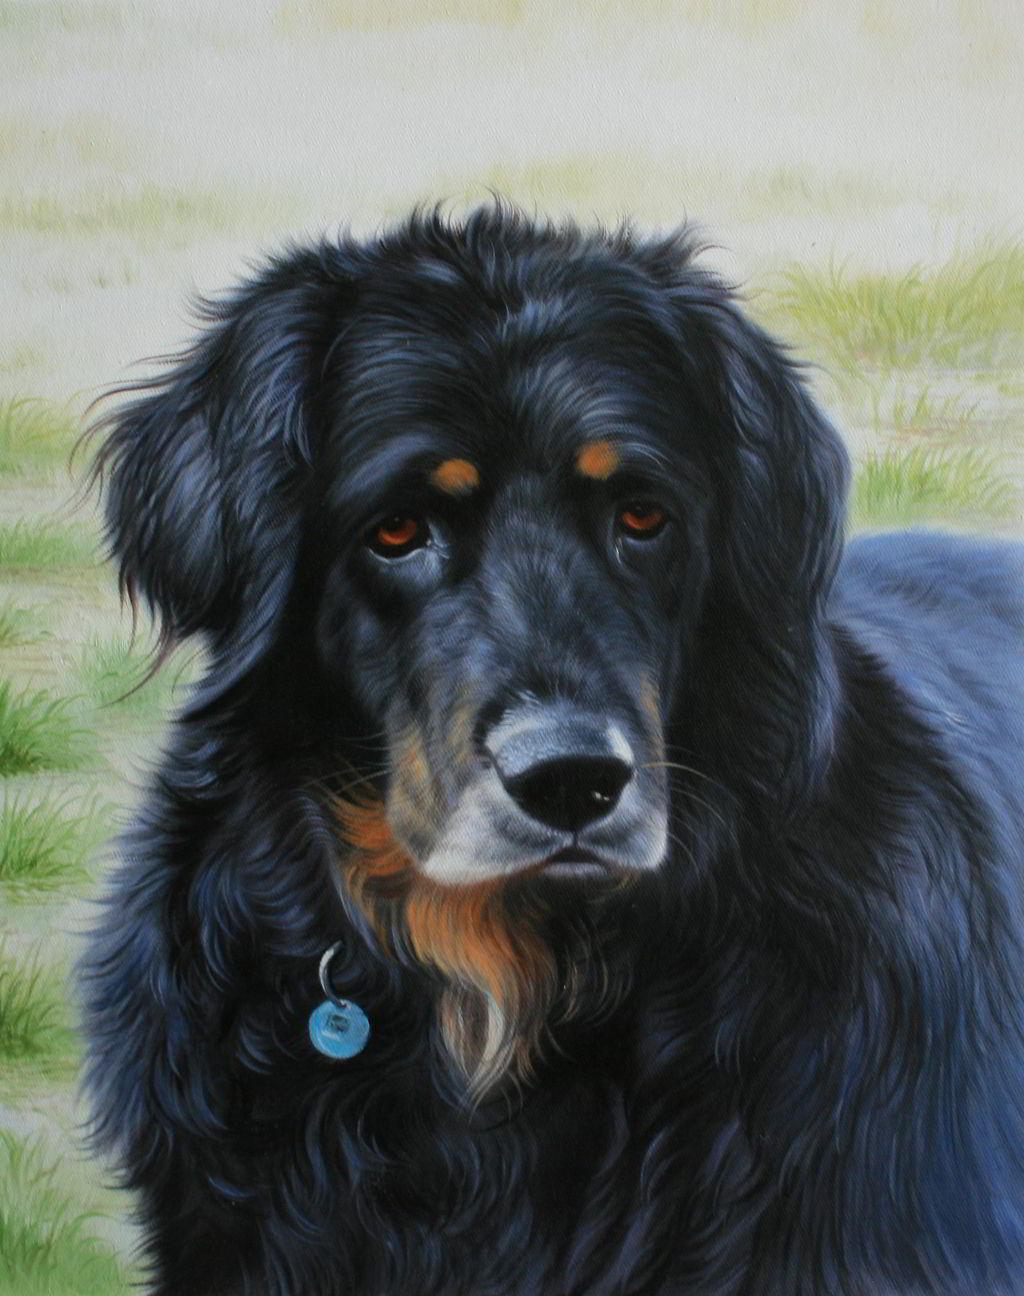 Ölgemälde vom Hund als Reproduktion von einem Foto - Tierportrait